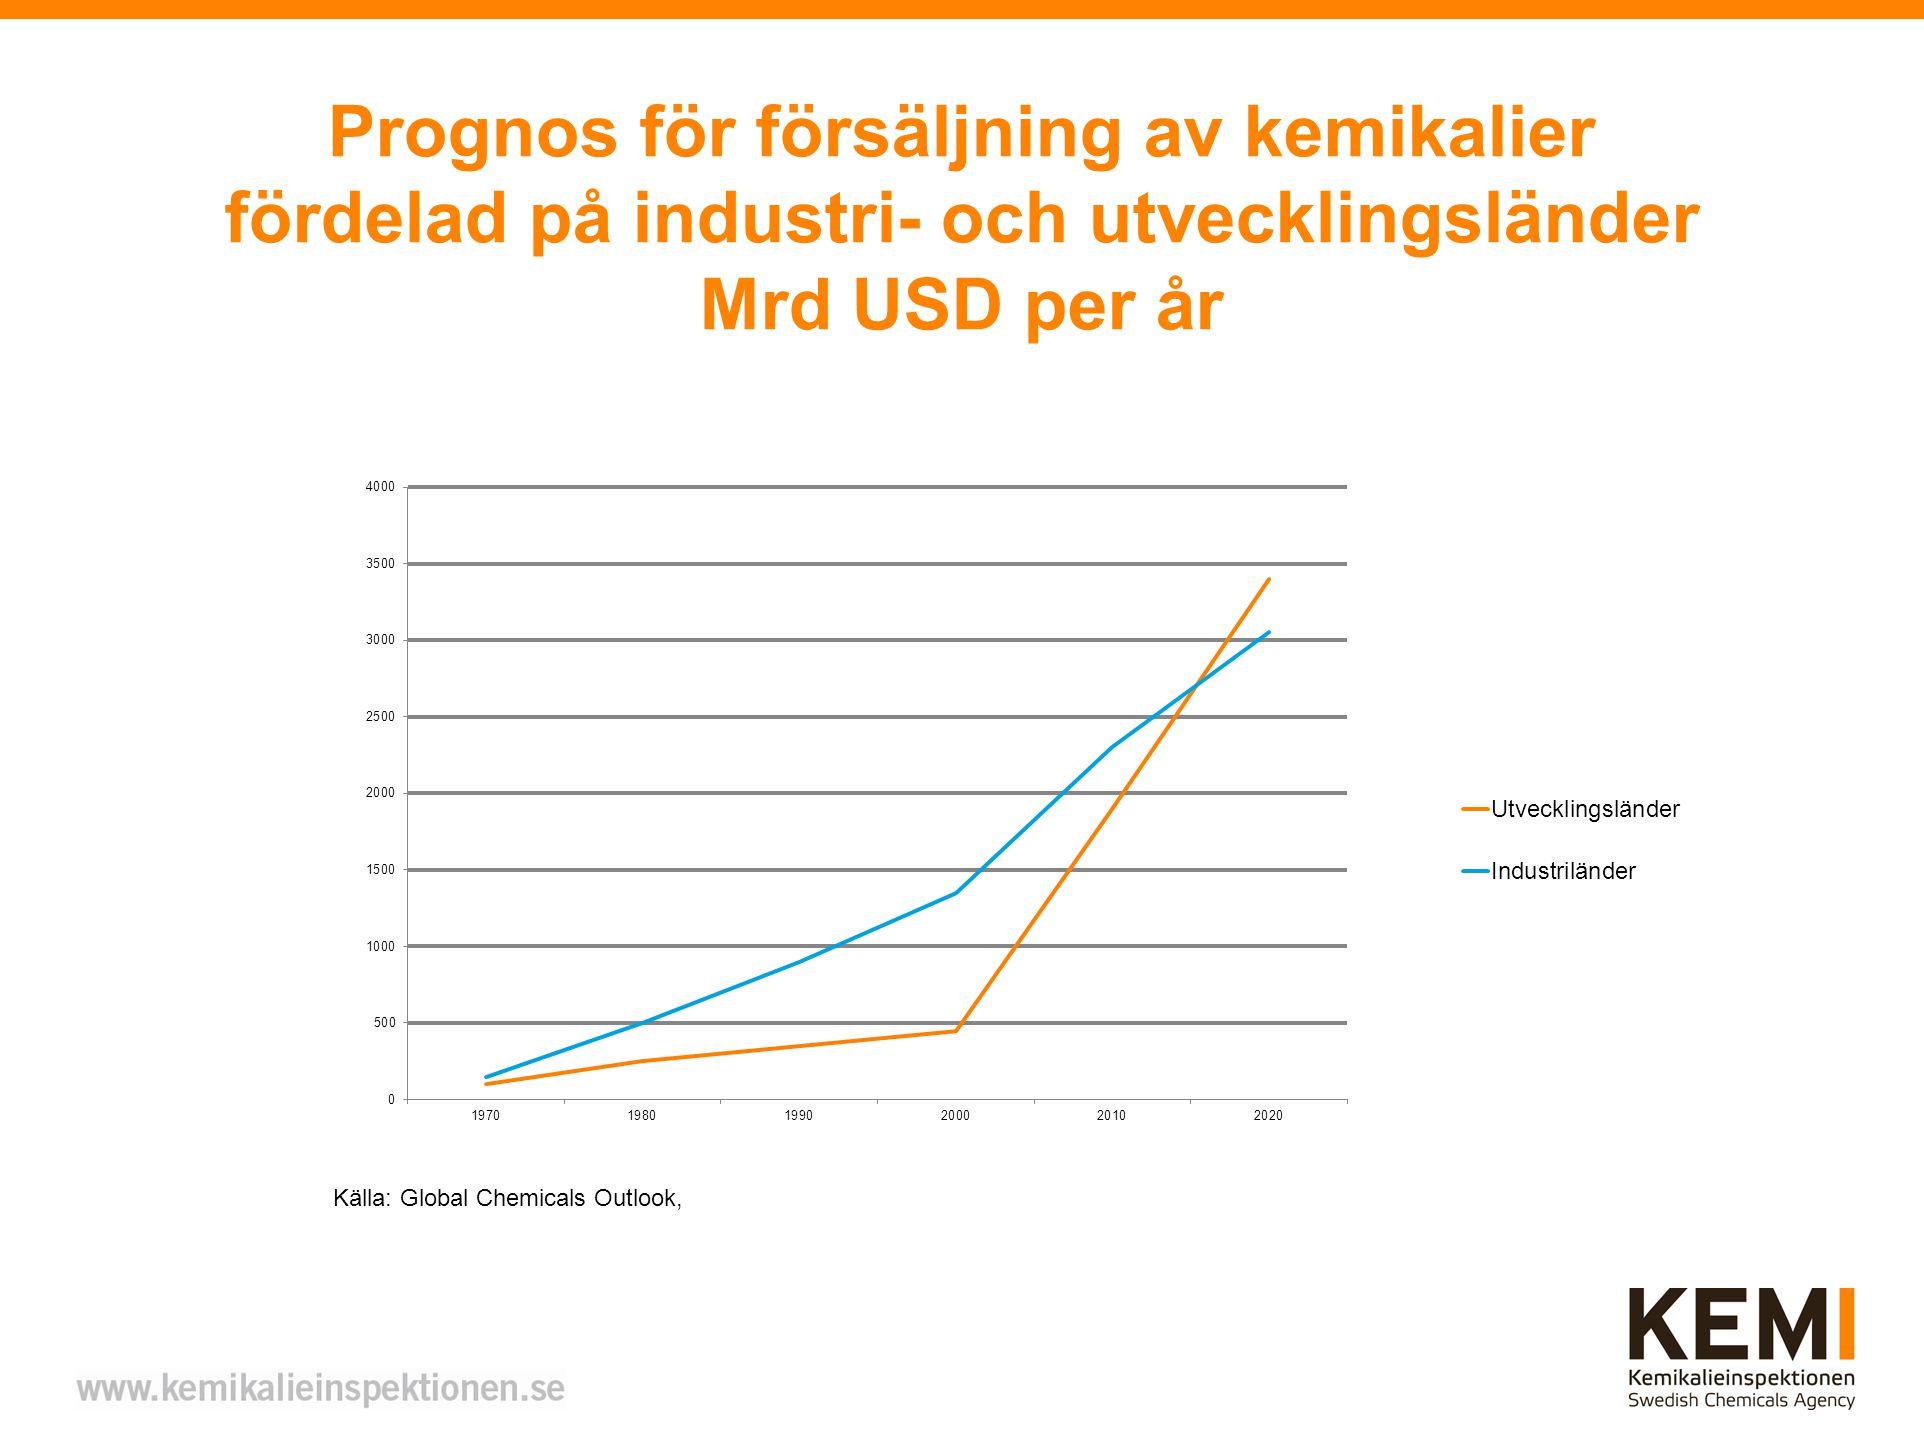 Prognos för försäljning av kemikalier fördelad på industri- och utvecklingsländer Mrd USD per år